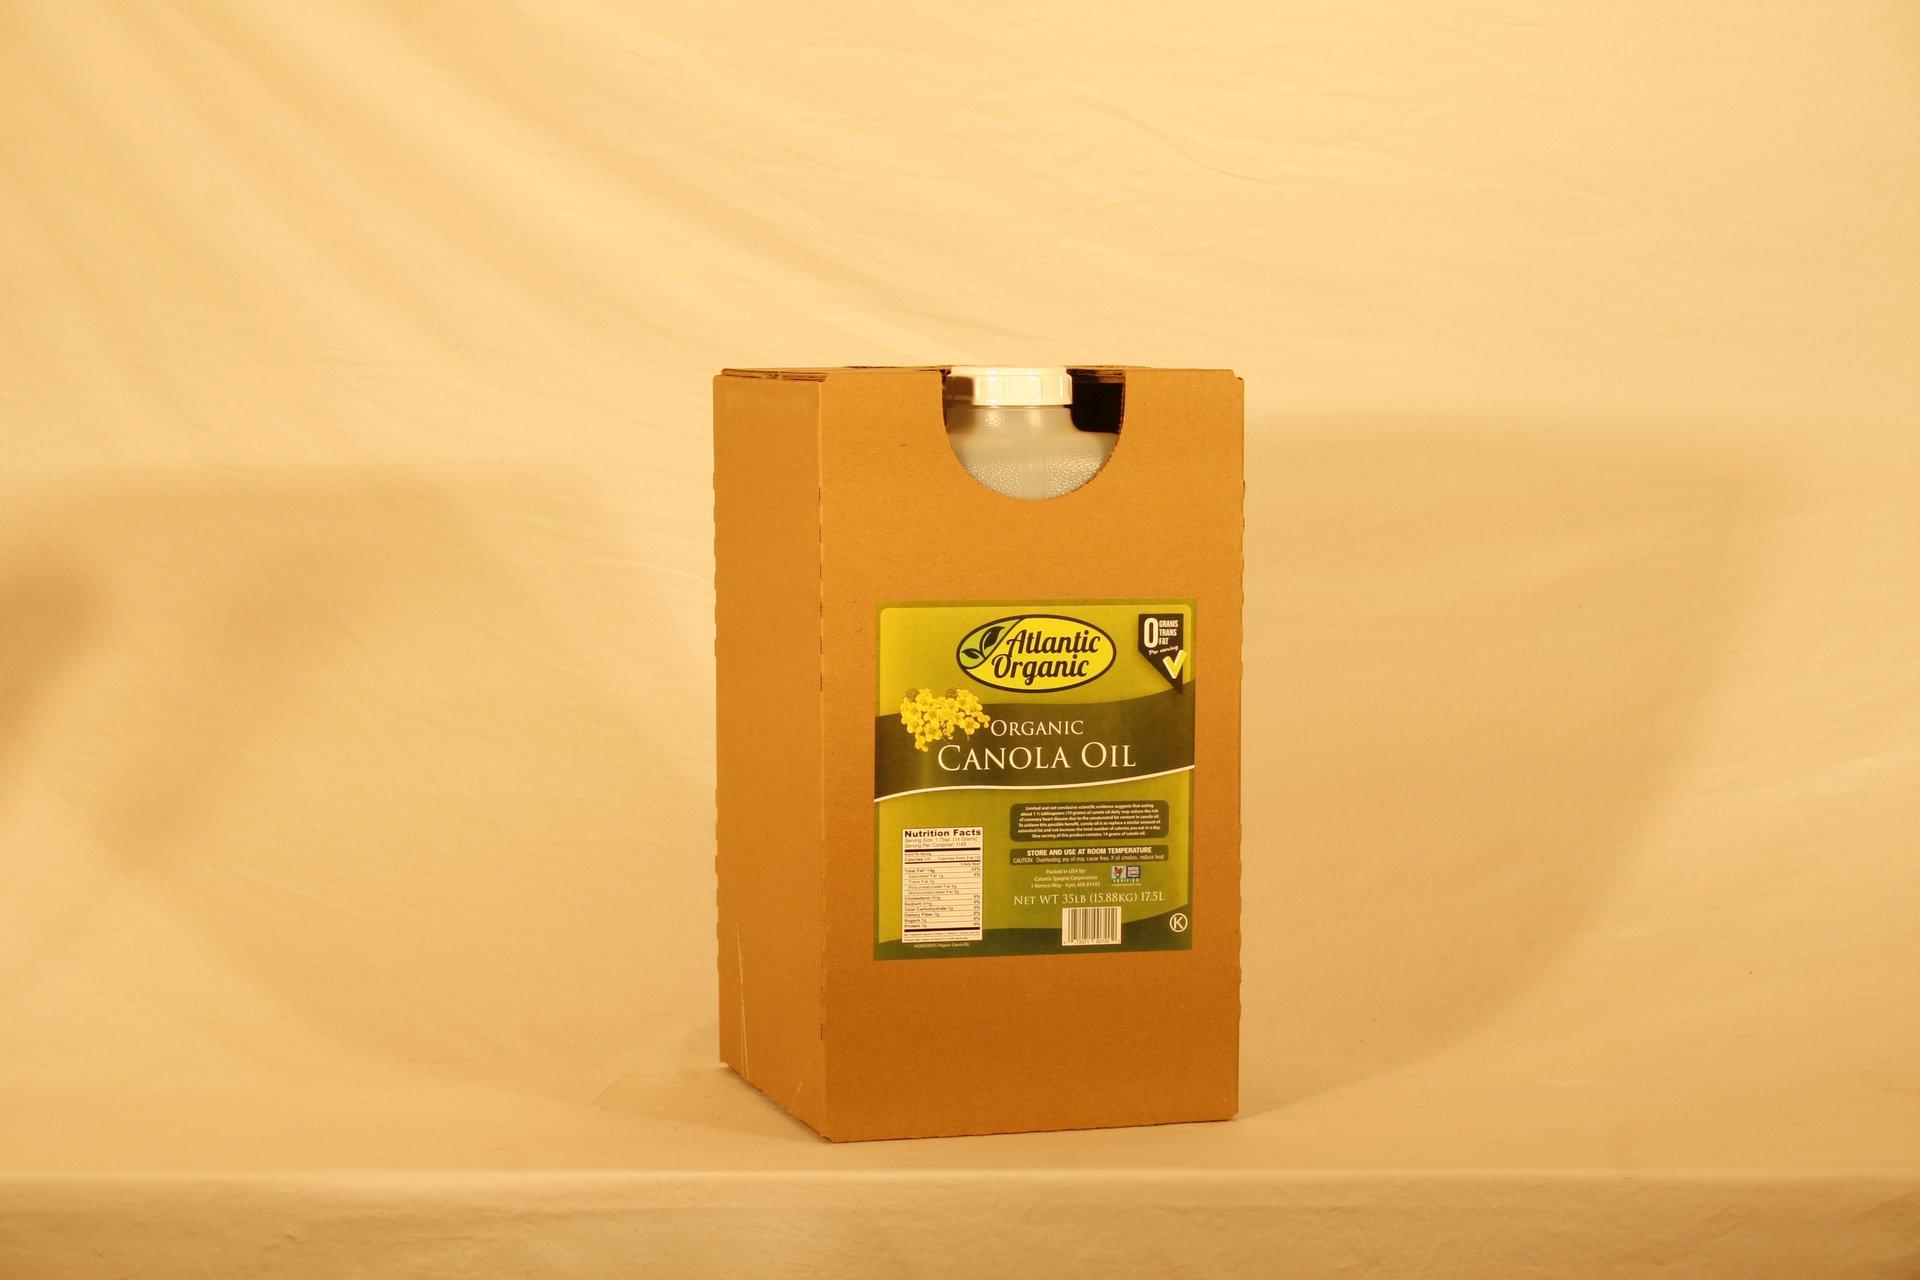 35 lb. JIB Organic Canola Oil / Catania Oils